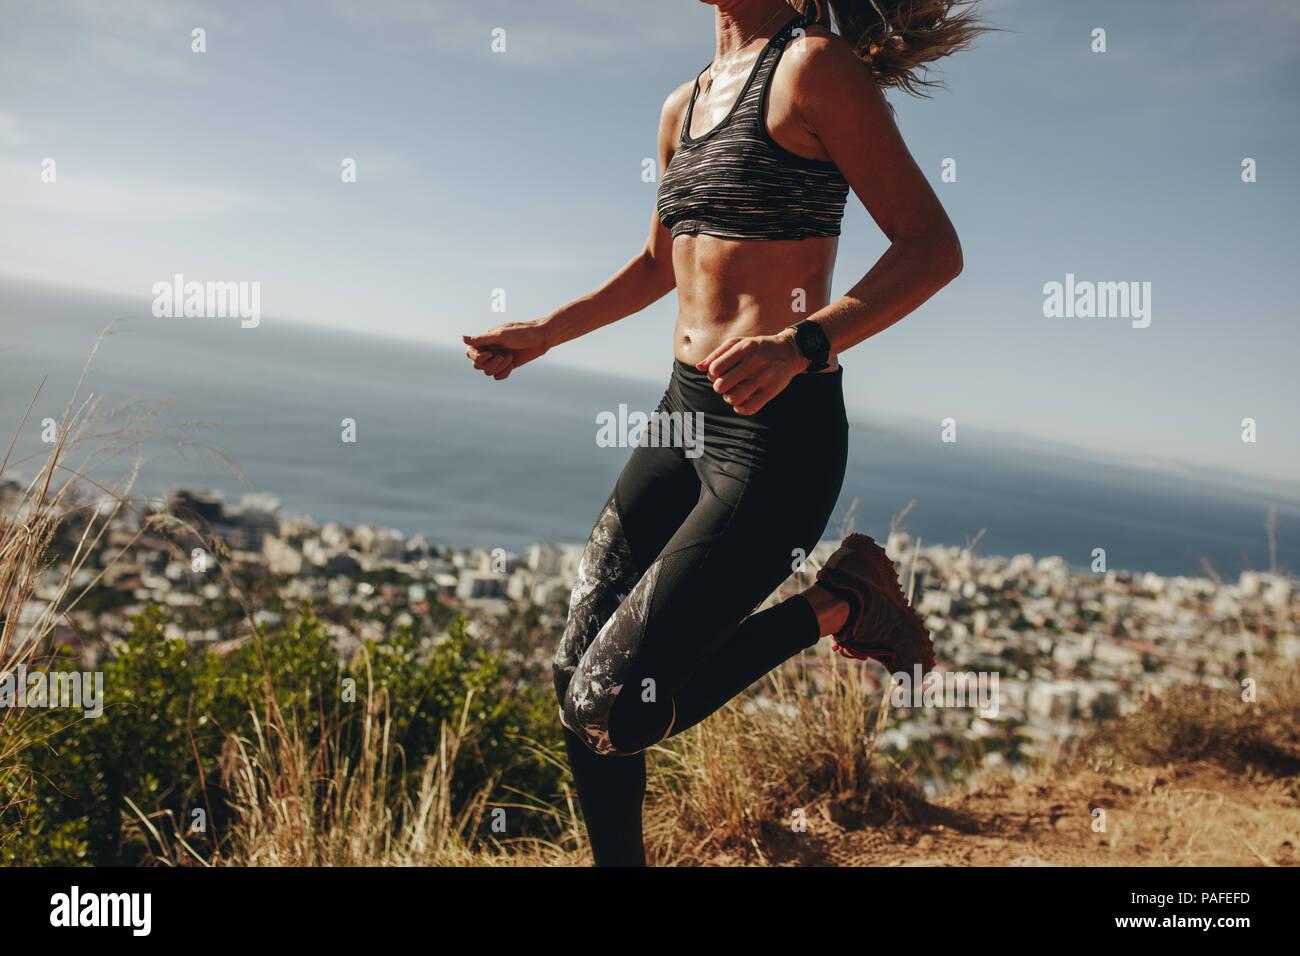 Sprint femme en bonne santé plus de sentier de montagne. Femme faisant courir entraînement sur chemin sur la colline parlementaire. Cropped shot. Photo Stock